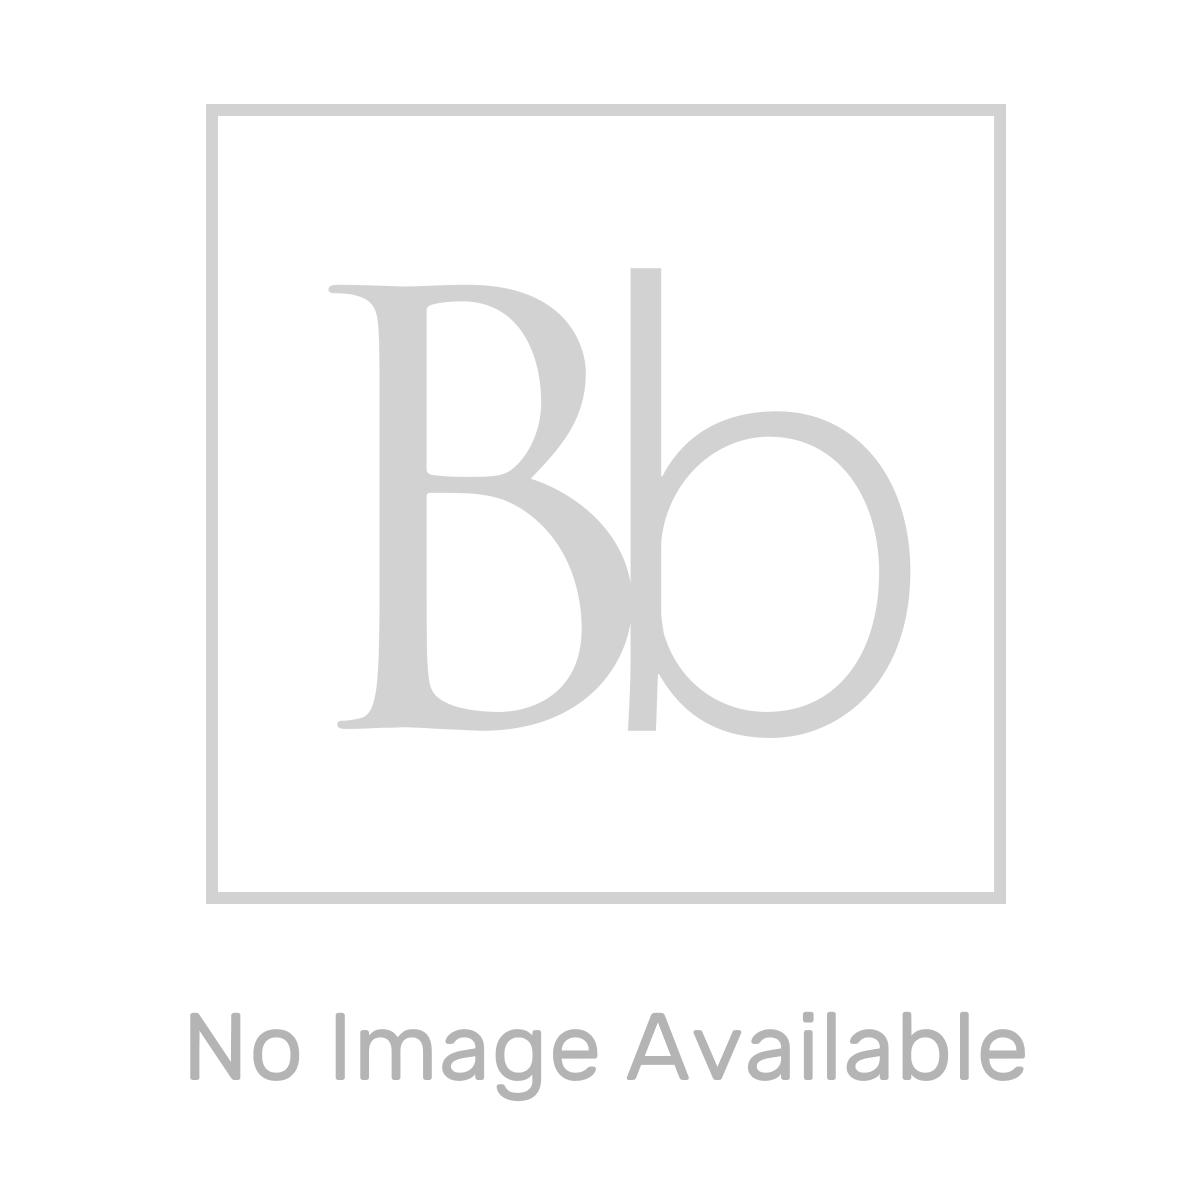 Homelux Aluminium Straight Edge 6mm Silver Tile Trim 2.5m